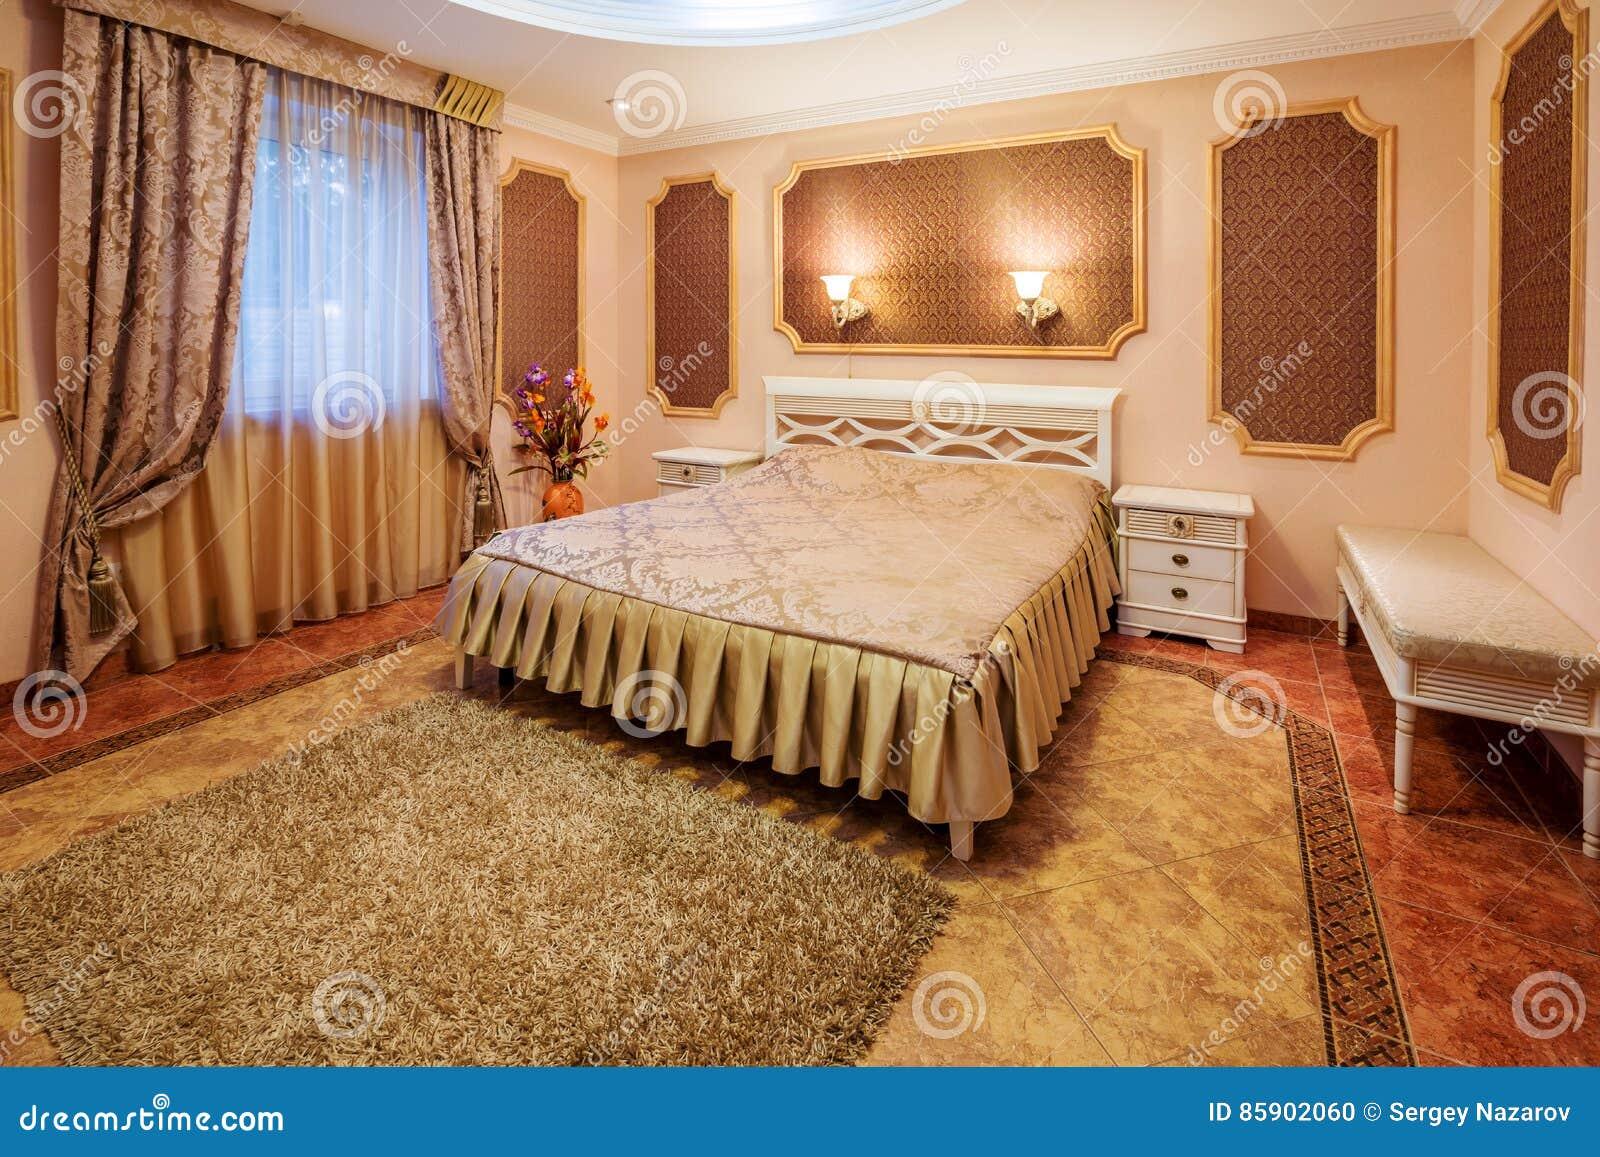 Decoratie en meubilair in moderne slaapkamer stock foto